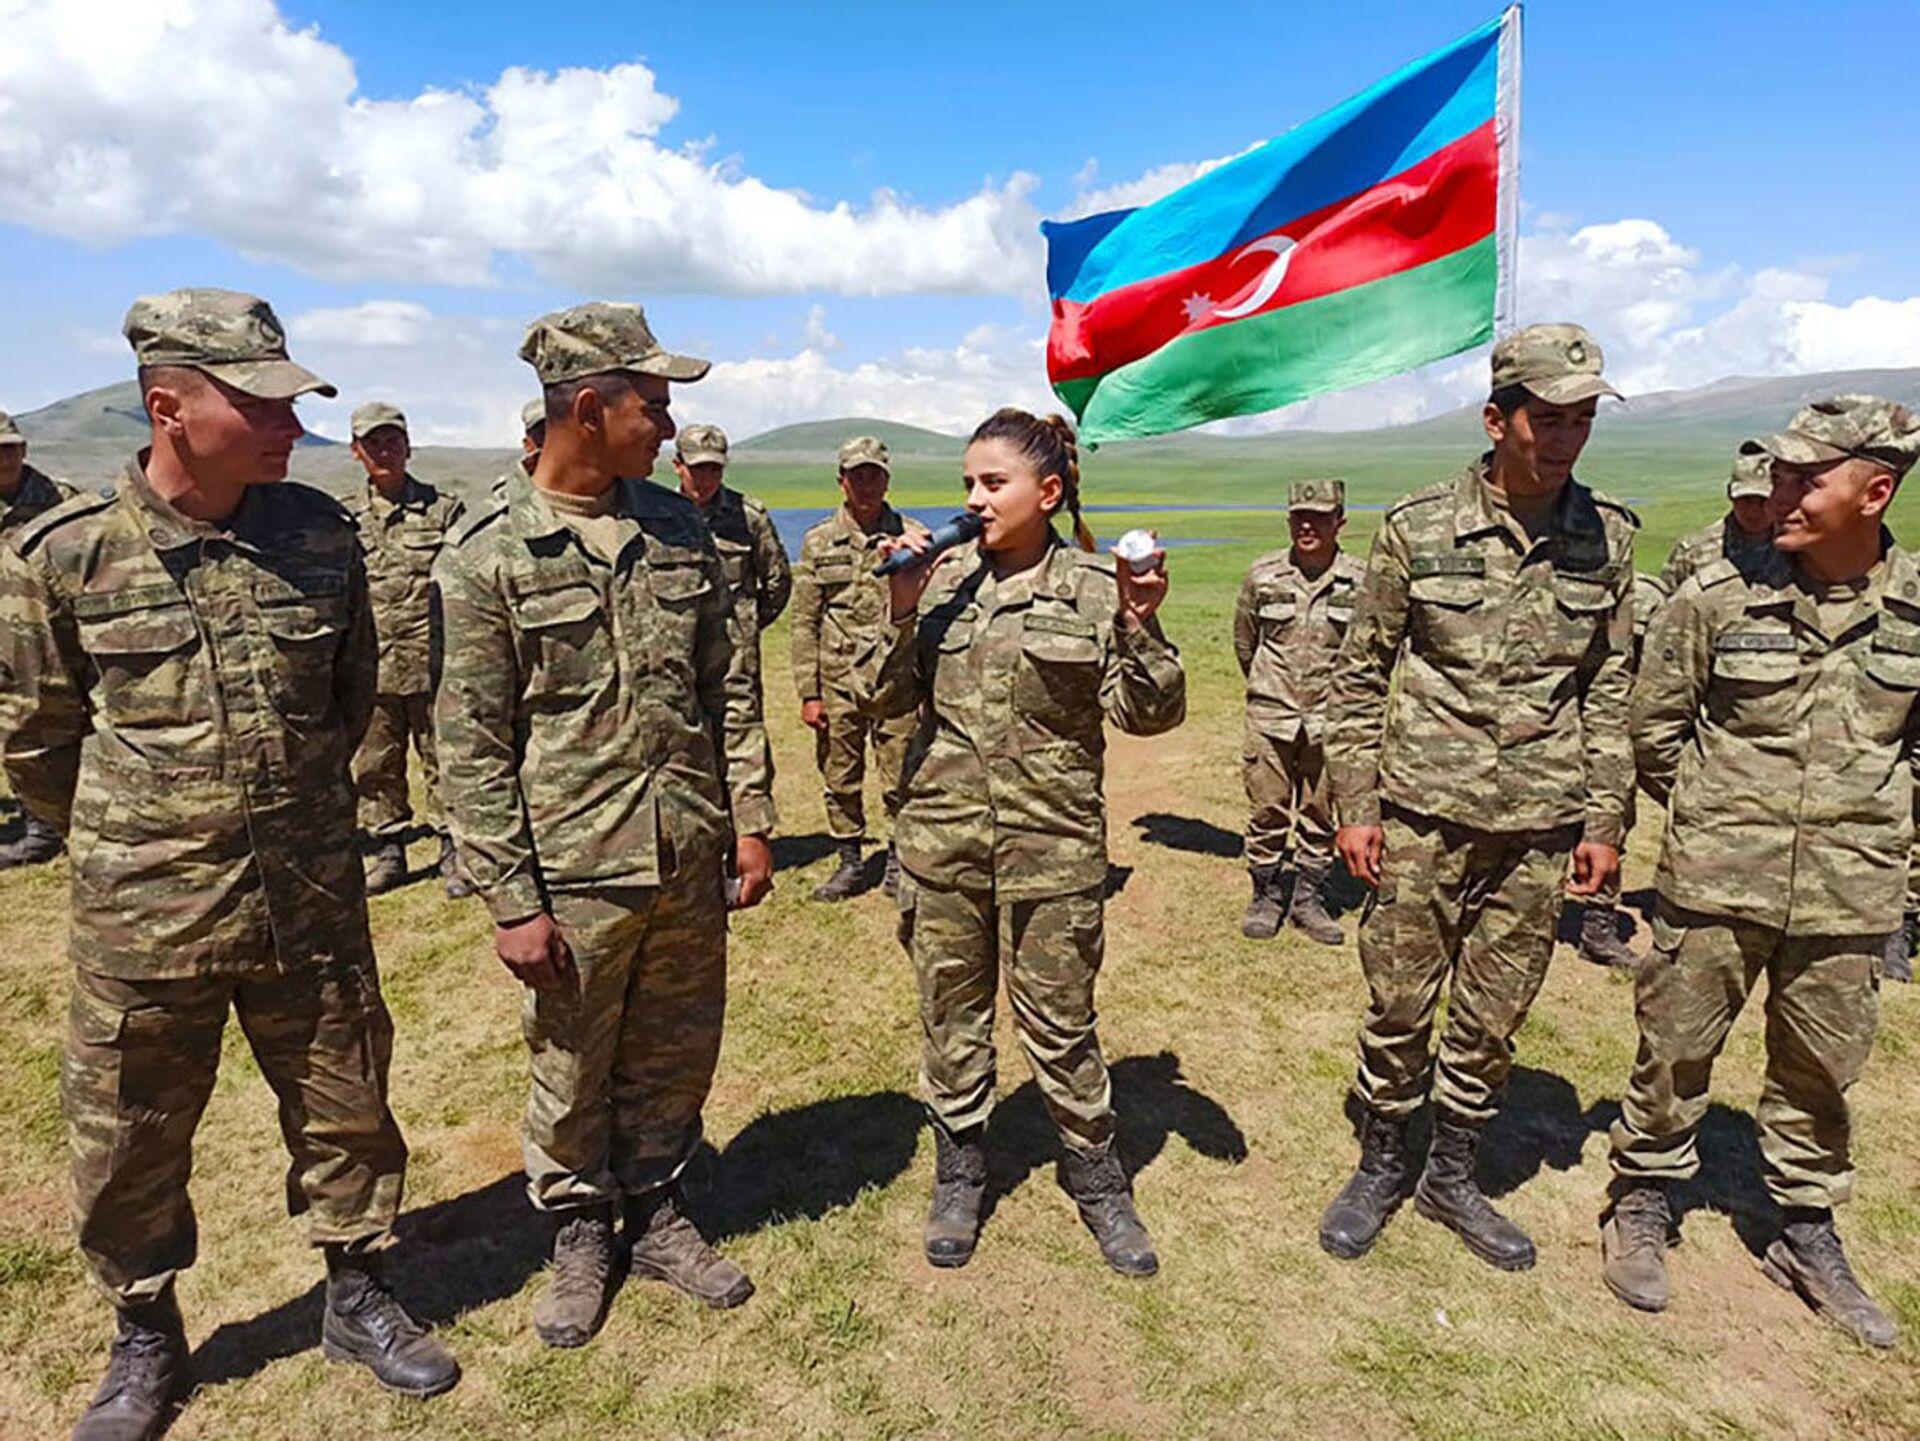 В Карабахе проходят мероприятия с участием азербайджанских военнослужащих - Sputnik Азербайджан, 1920, 08.06.2021